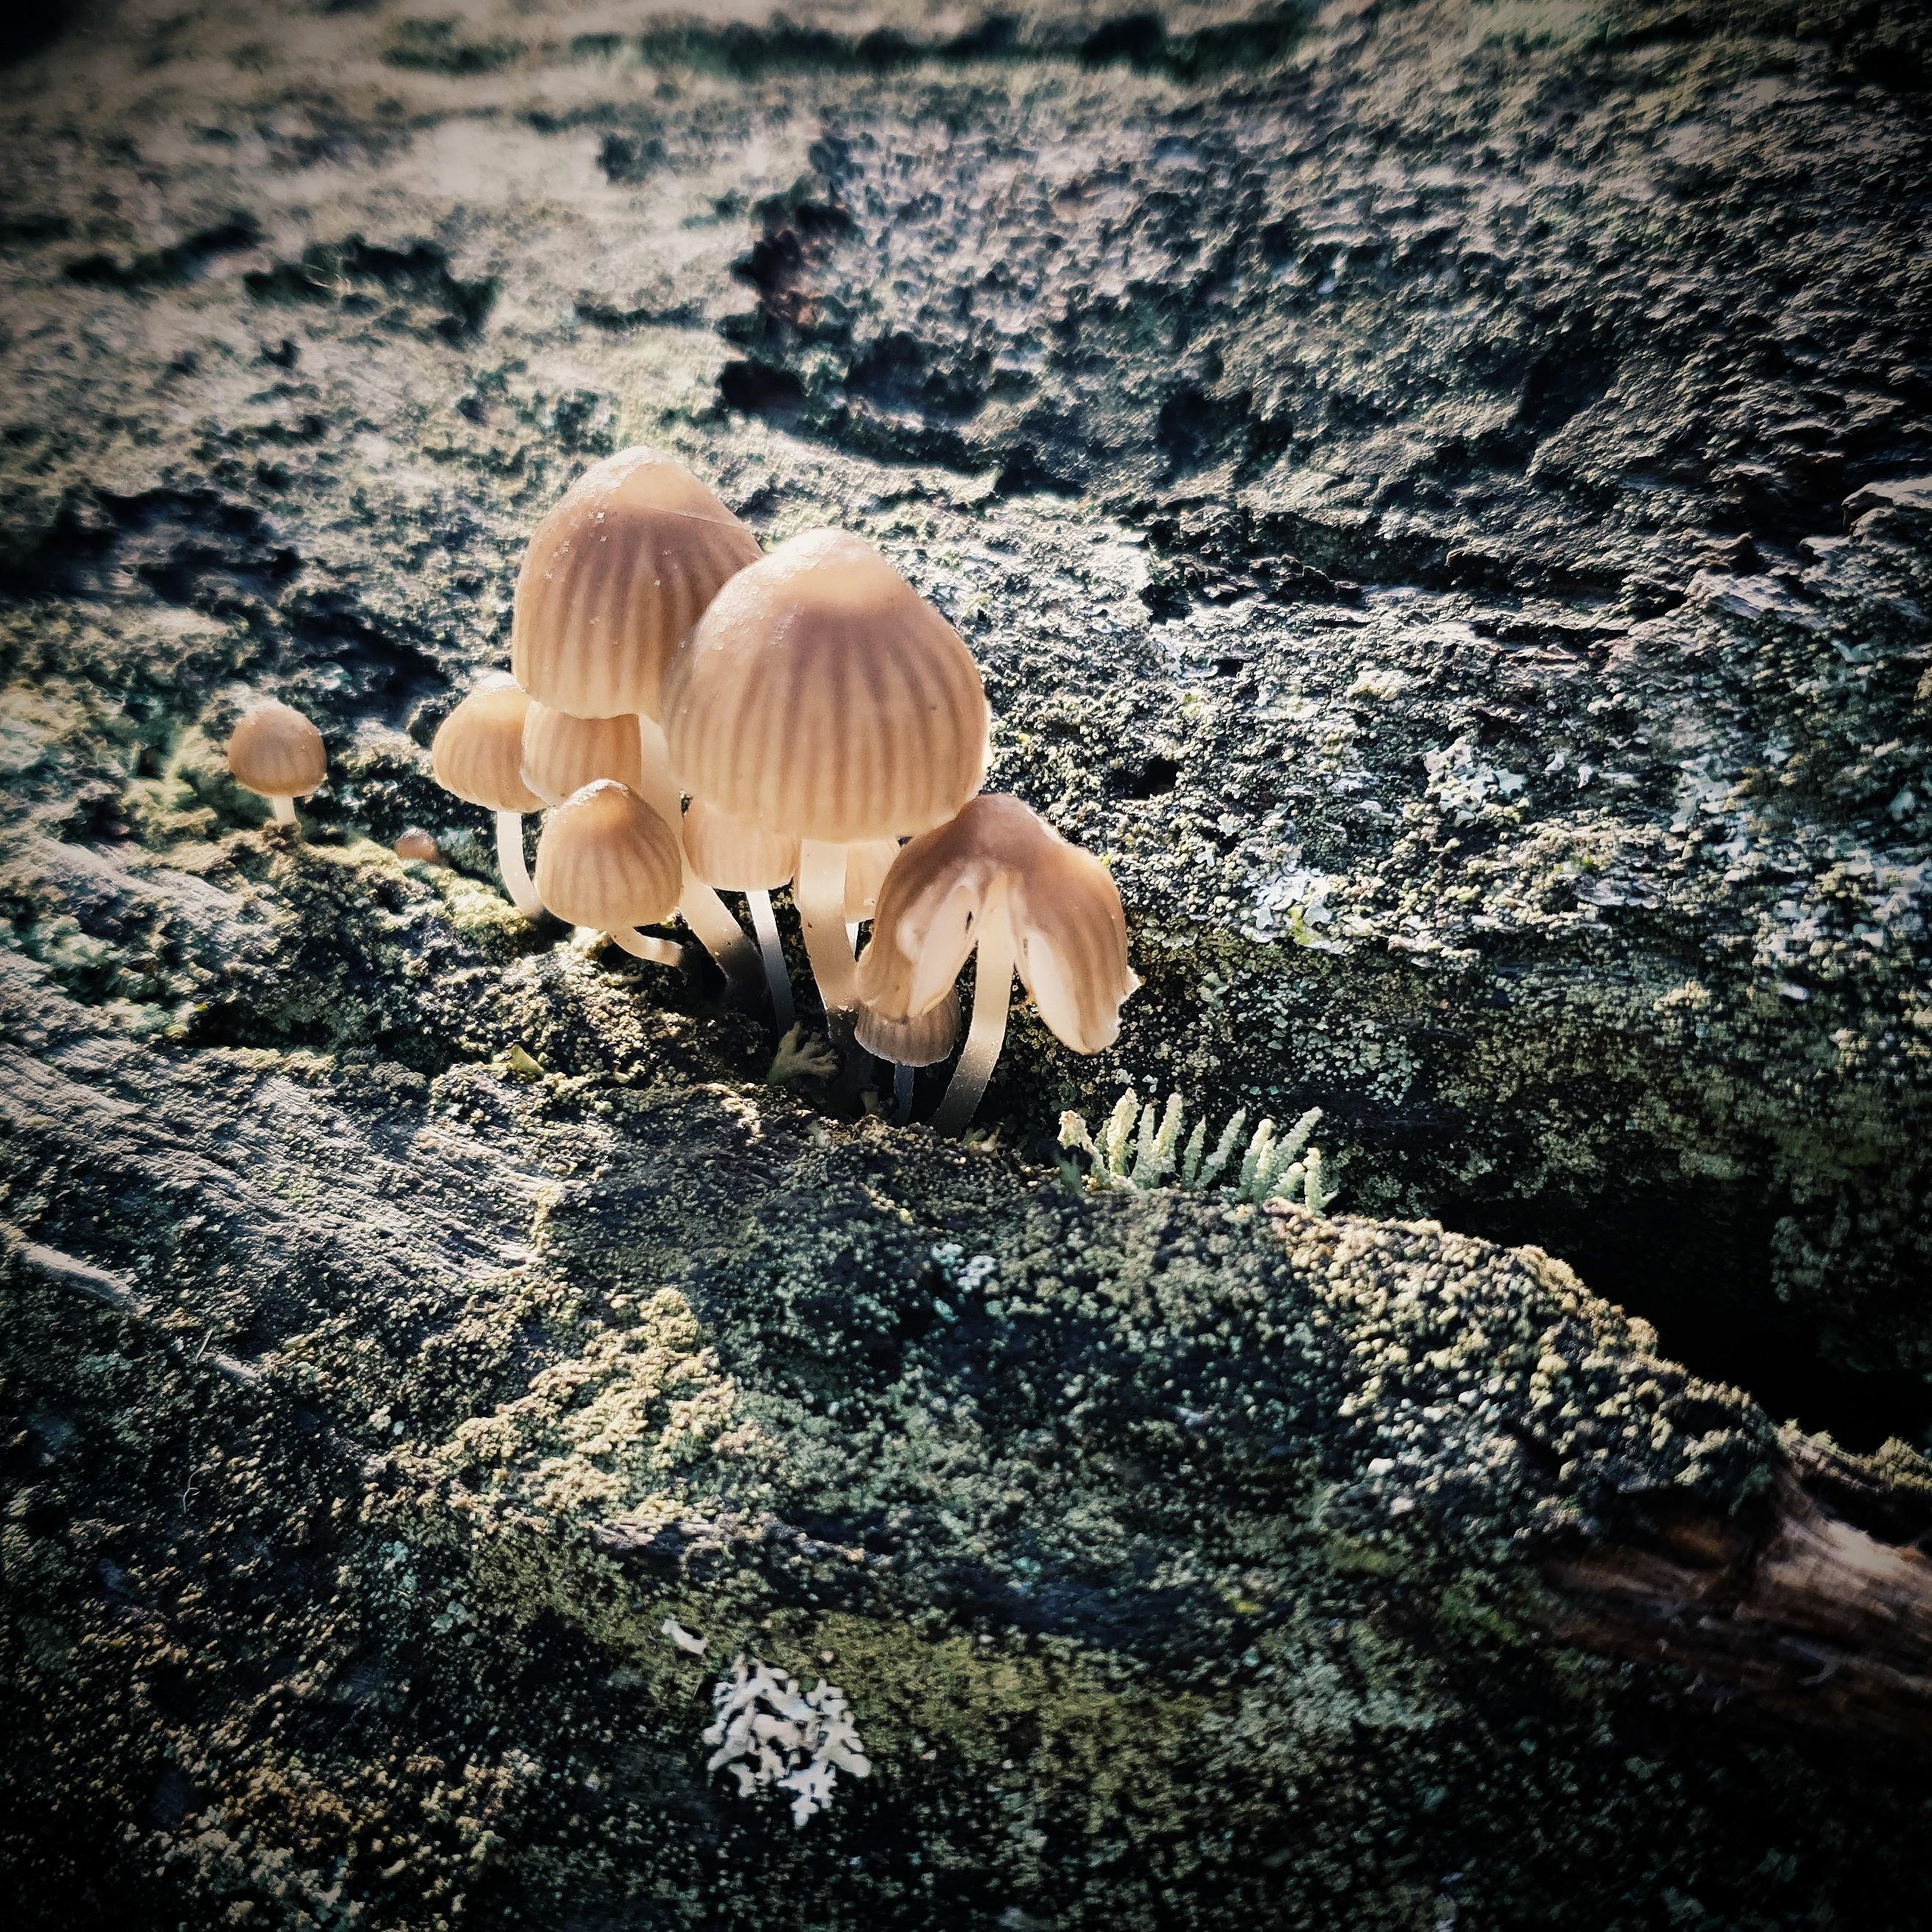 10 things mushrooms